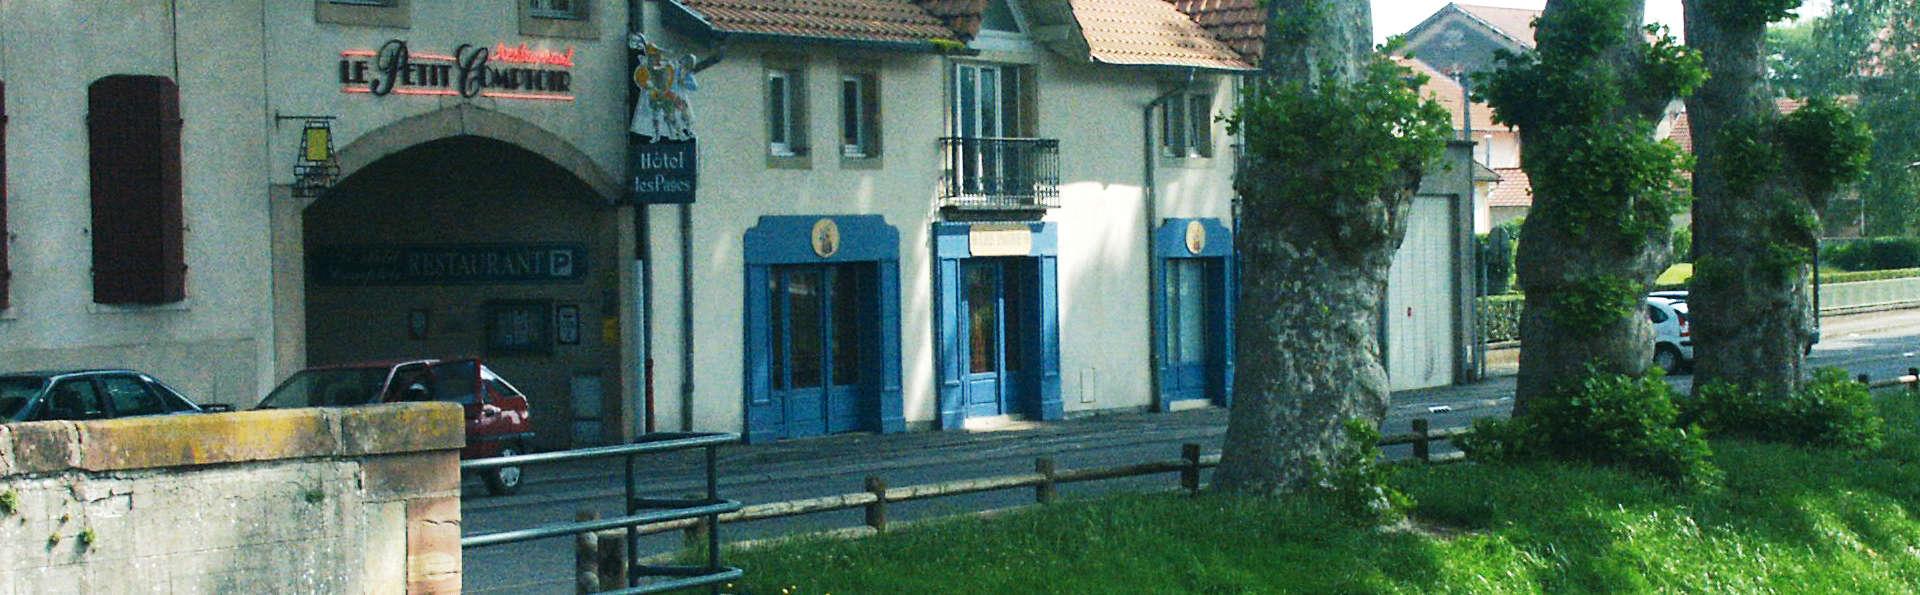 Hôtel Les Pages - EDIT_front.jpg